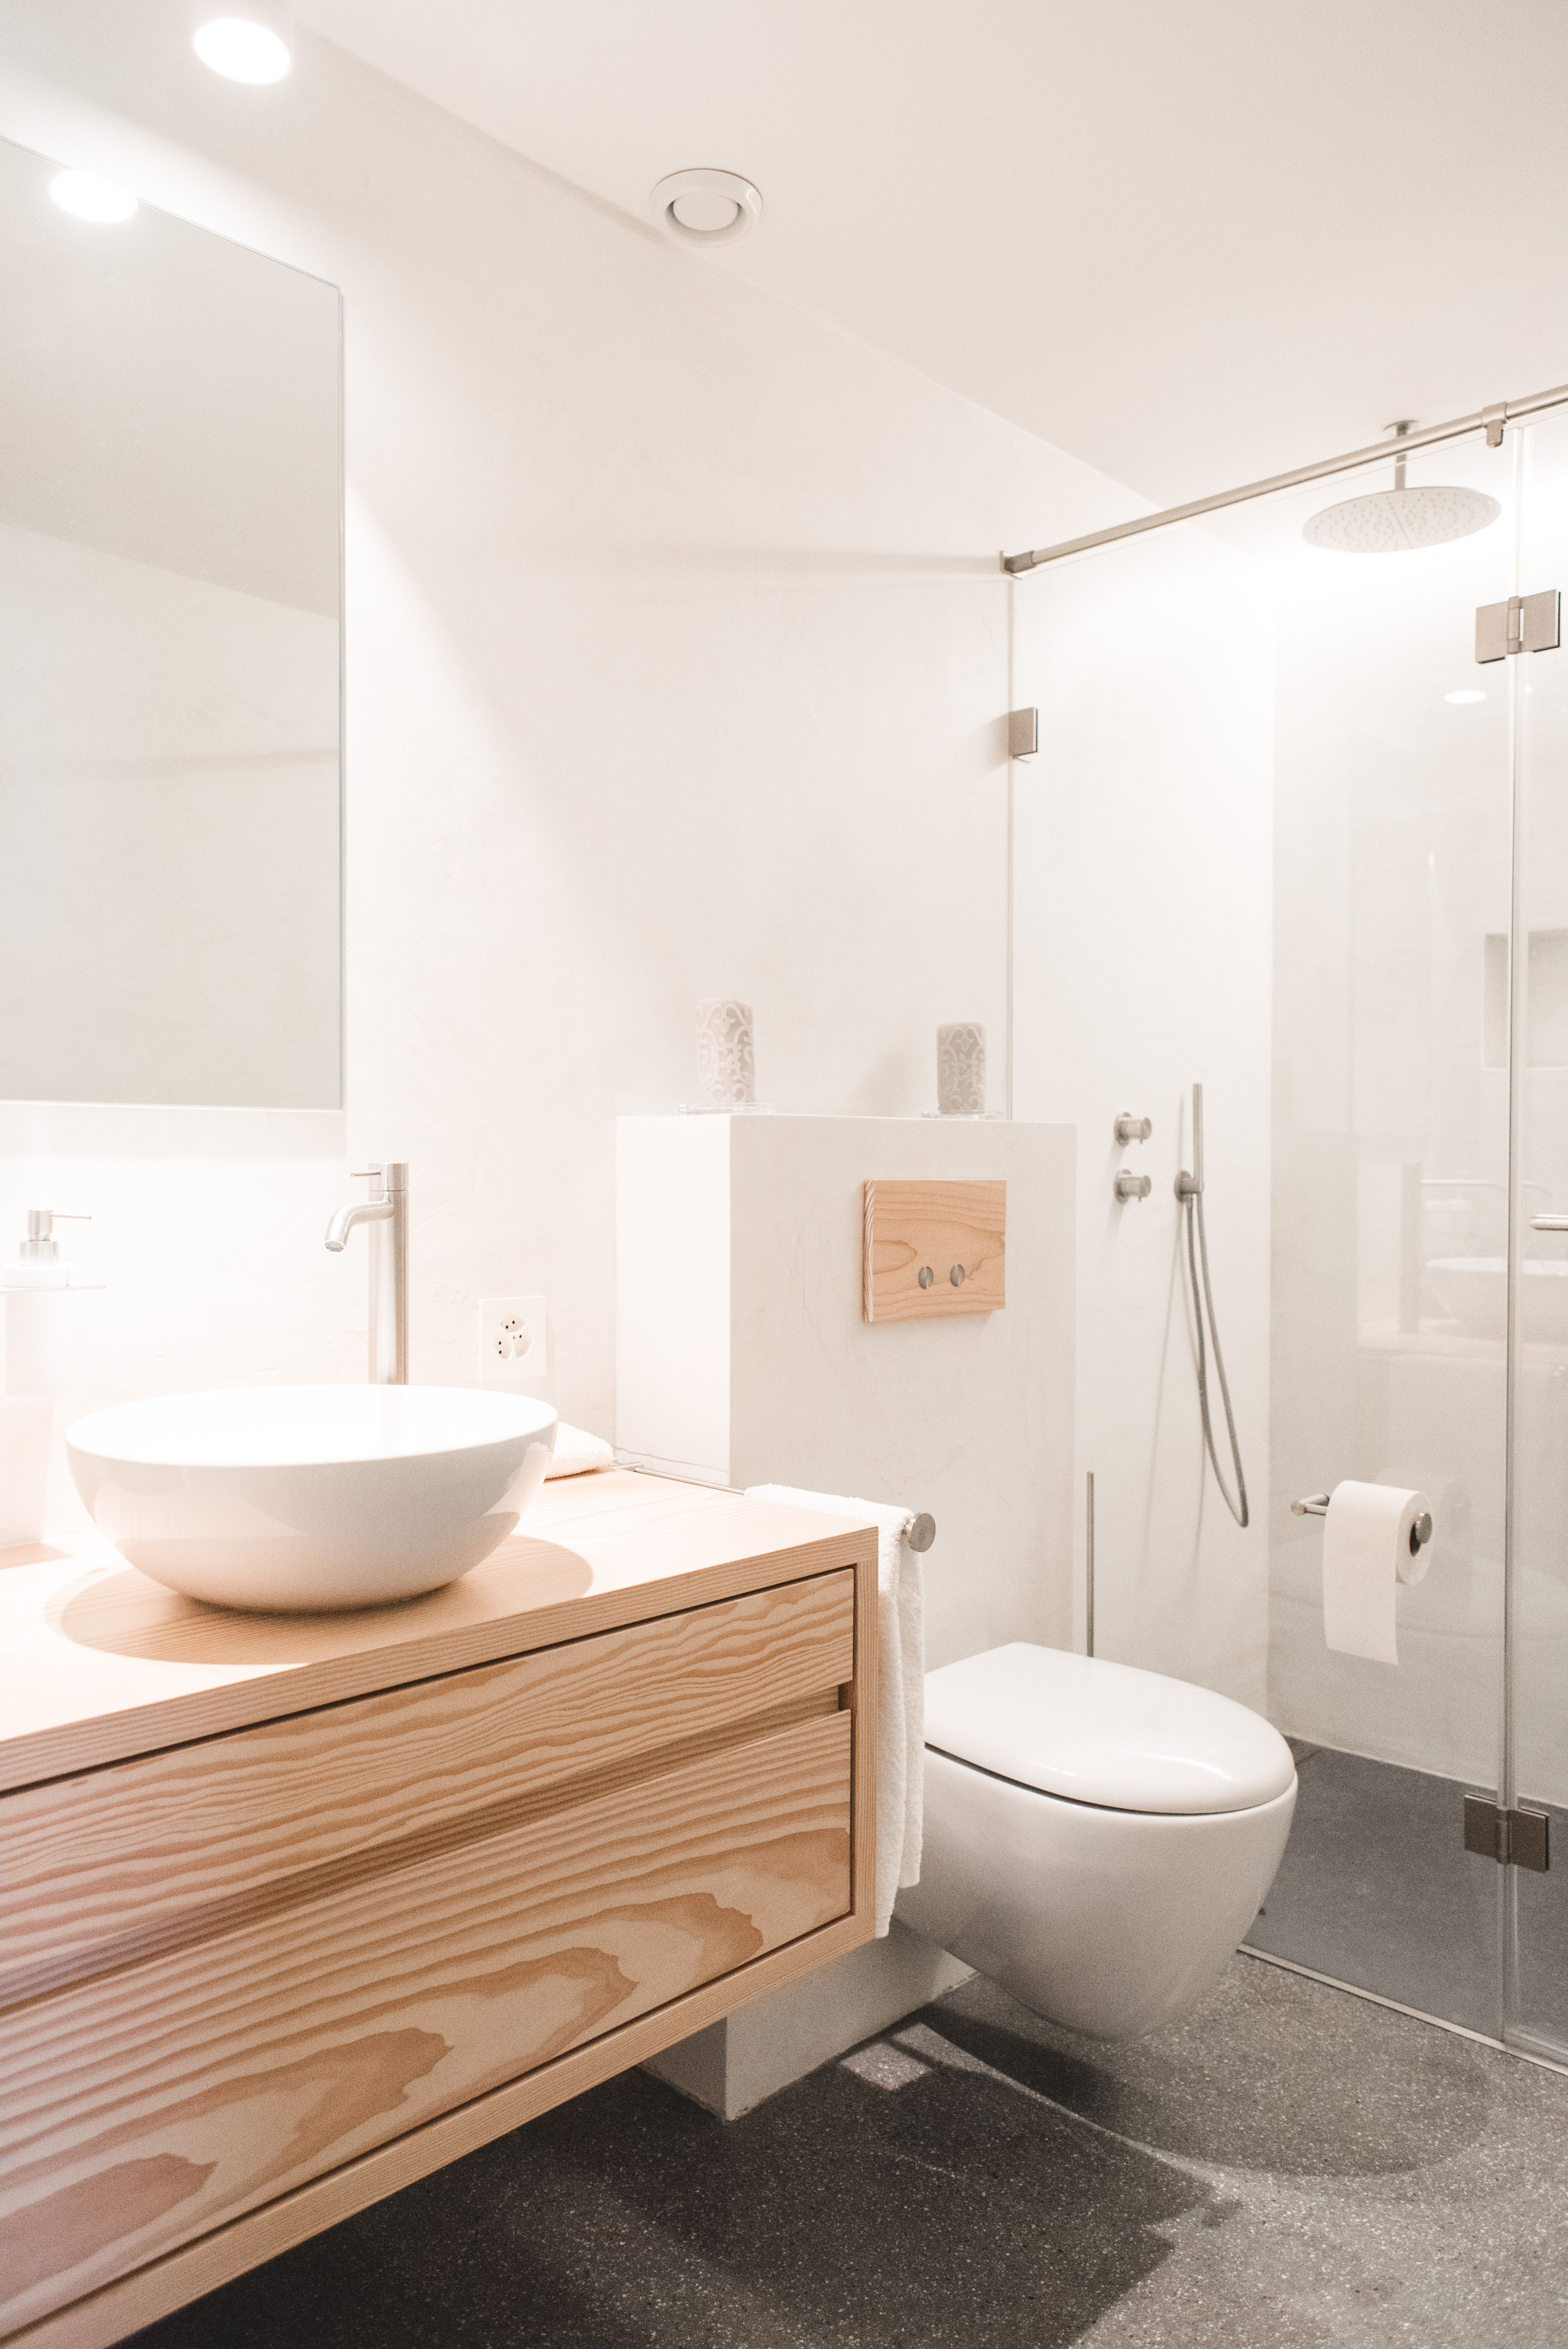 Salle de douche - murs, béton ciré blanc - revêtement de sol ...